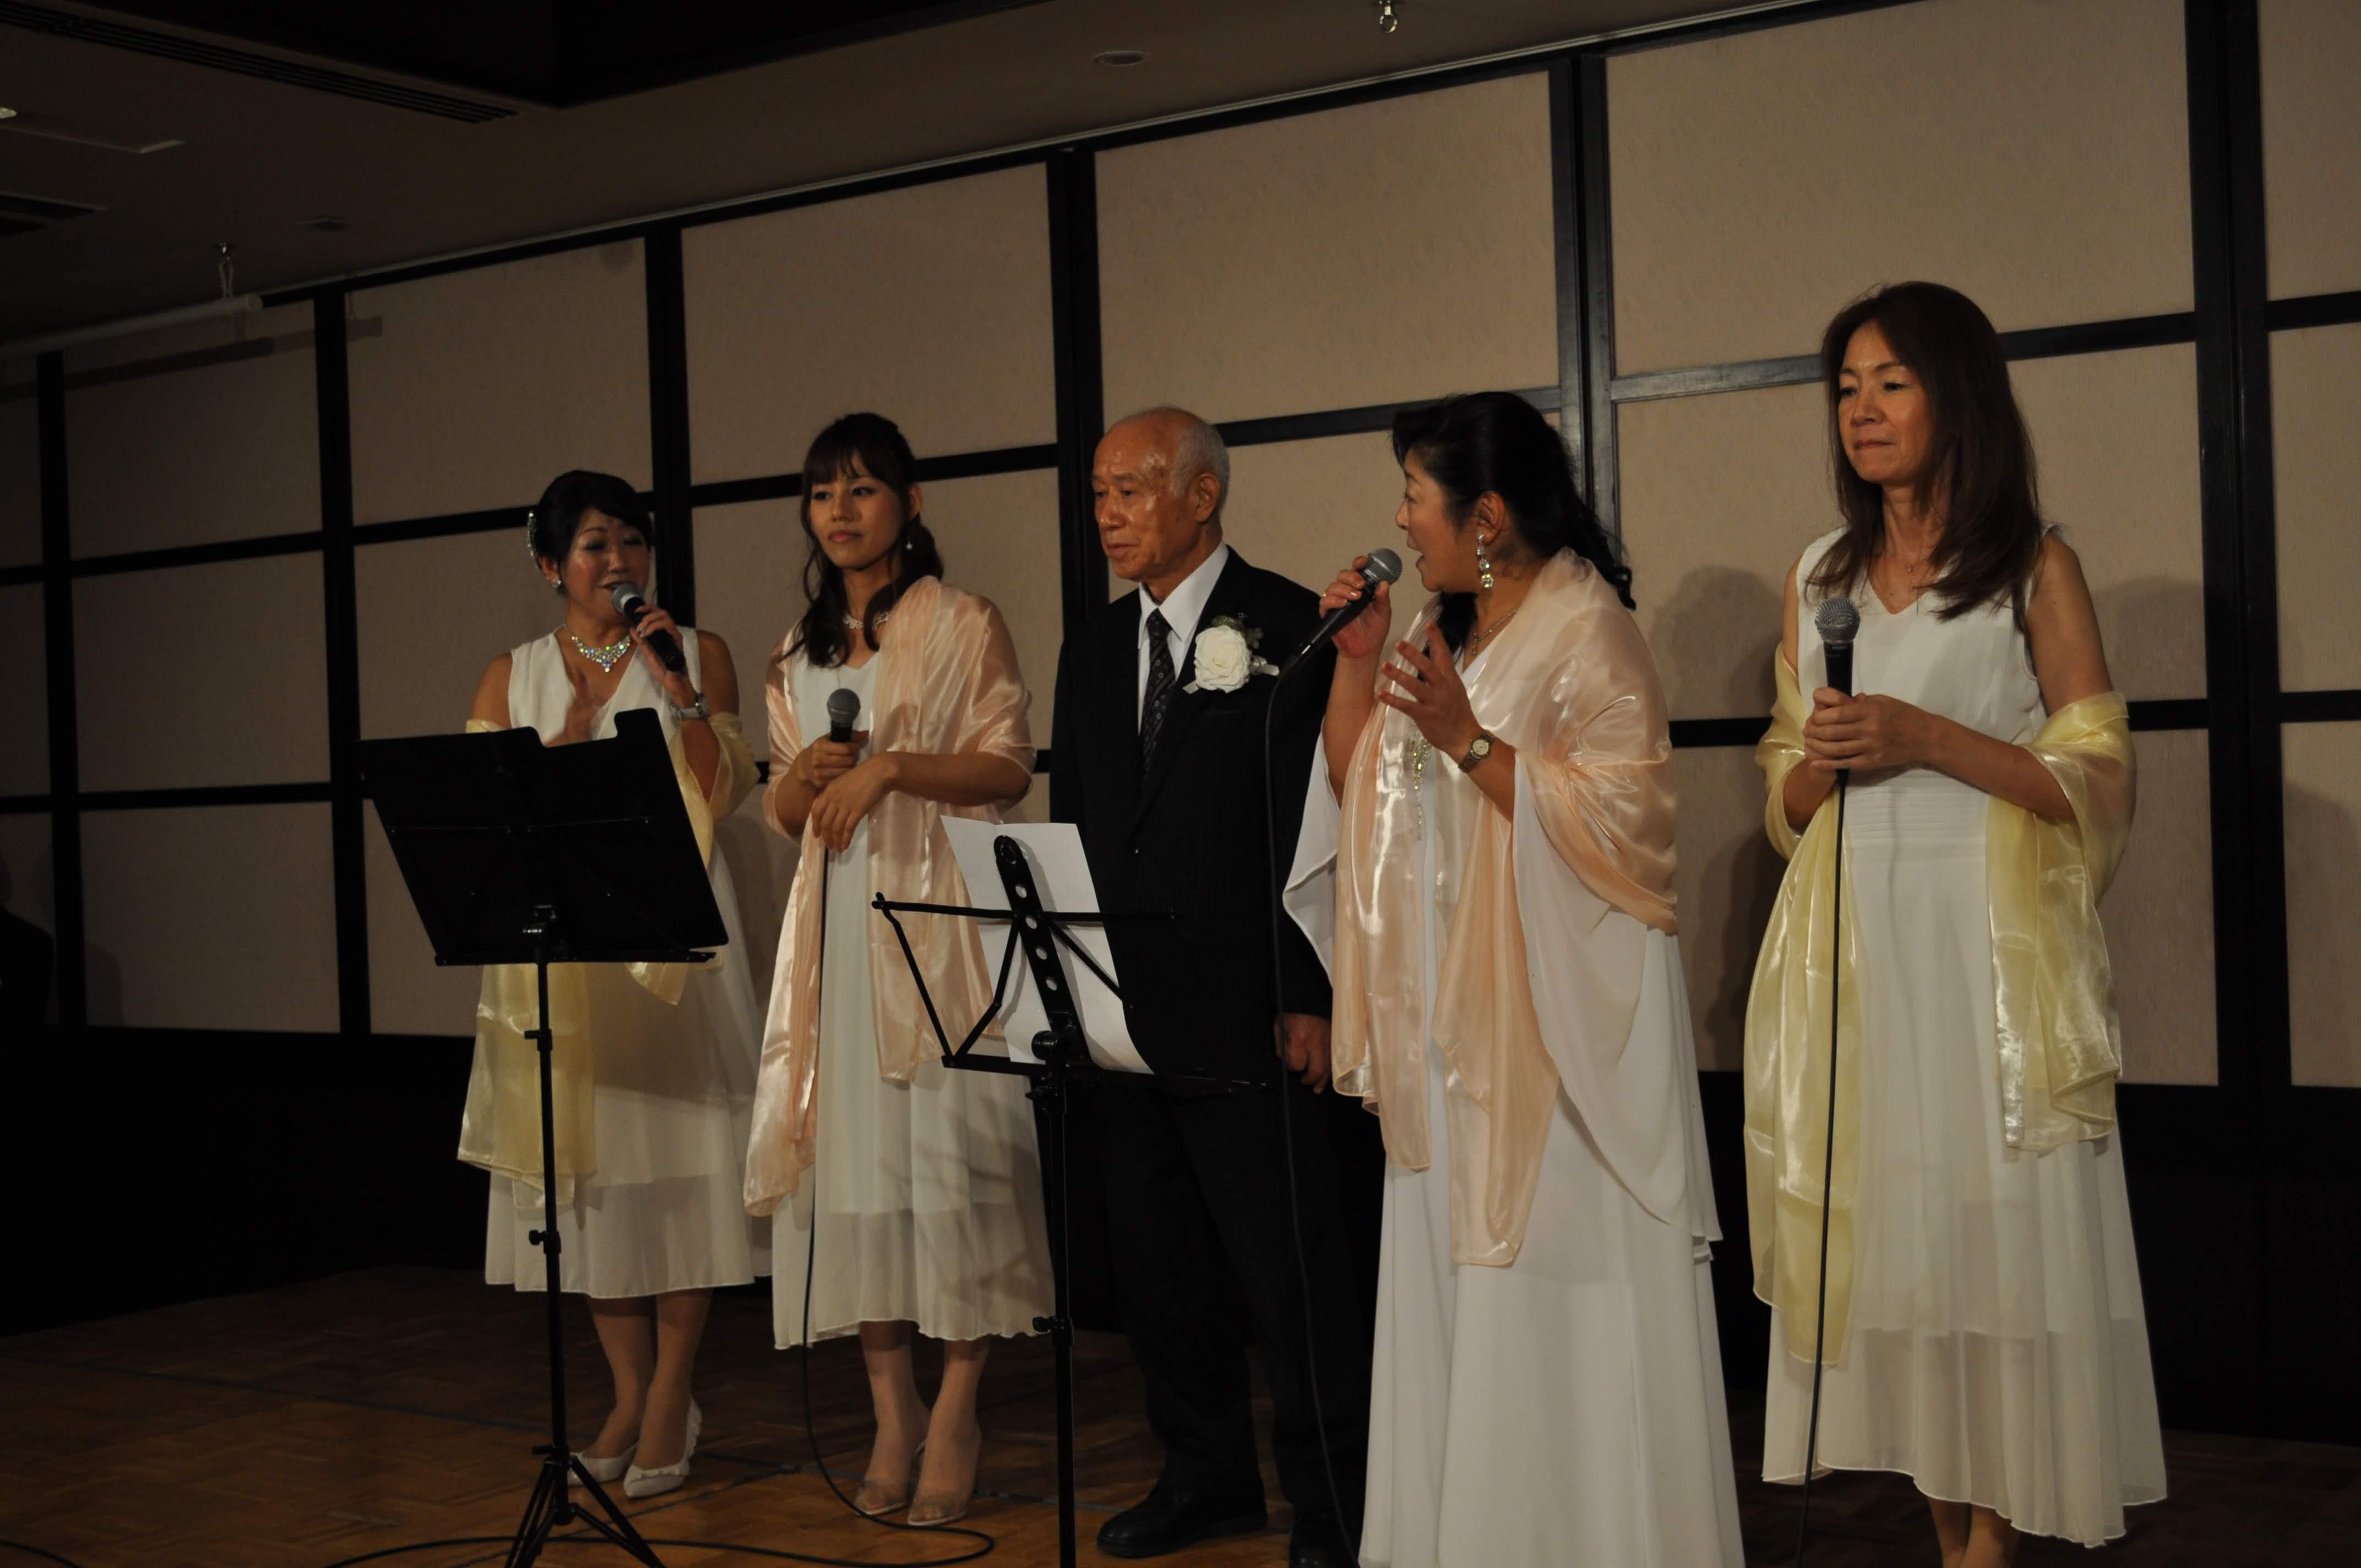 DSC 0517 1 - 思風会全国大会in広島